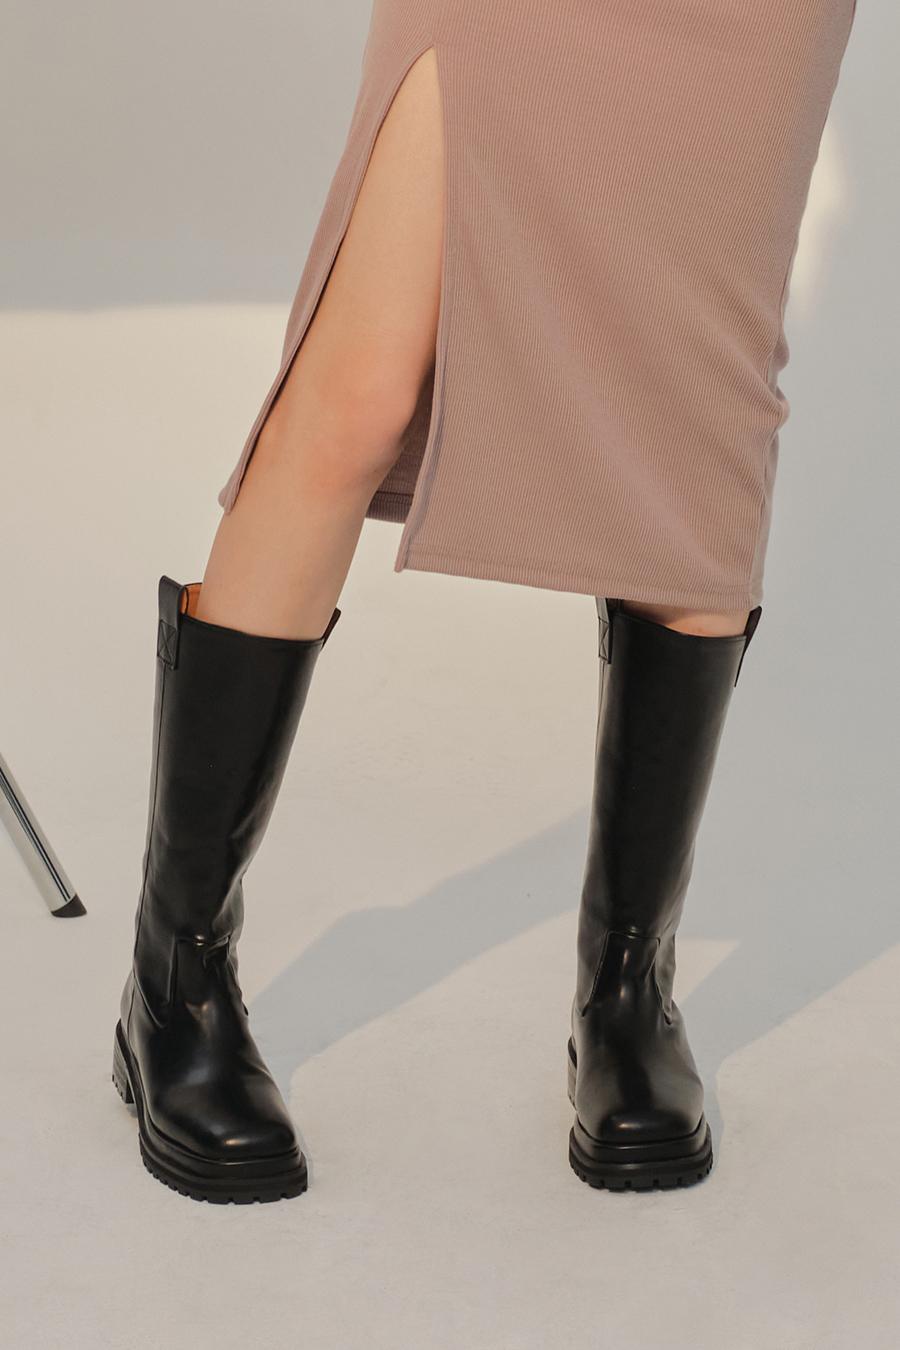 신발 모델 착용 이미지-S1L28